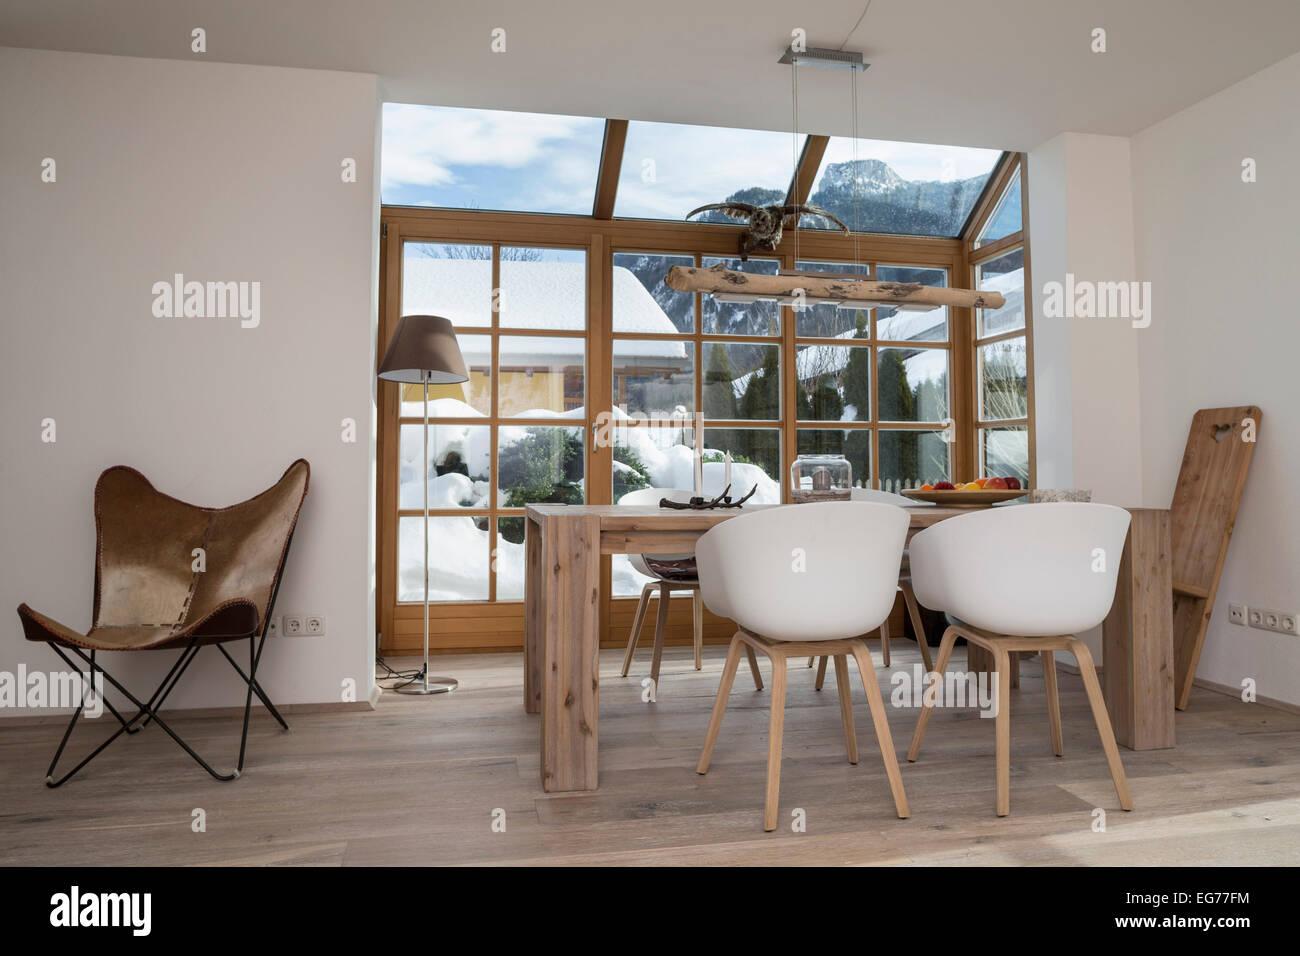 Esstisch In Und Design Stühle Im Wohnzimmer